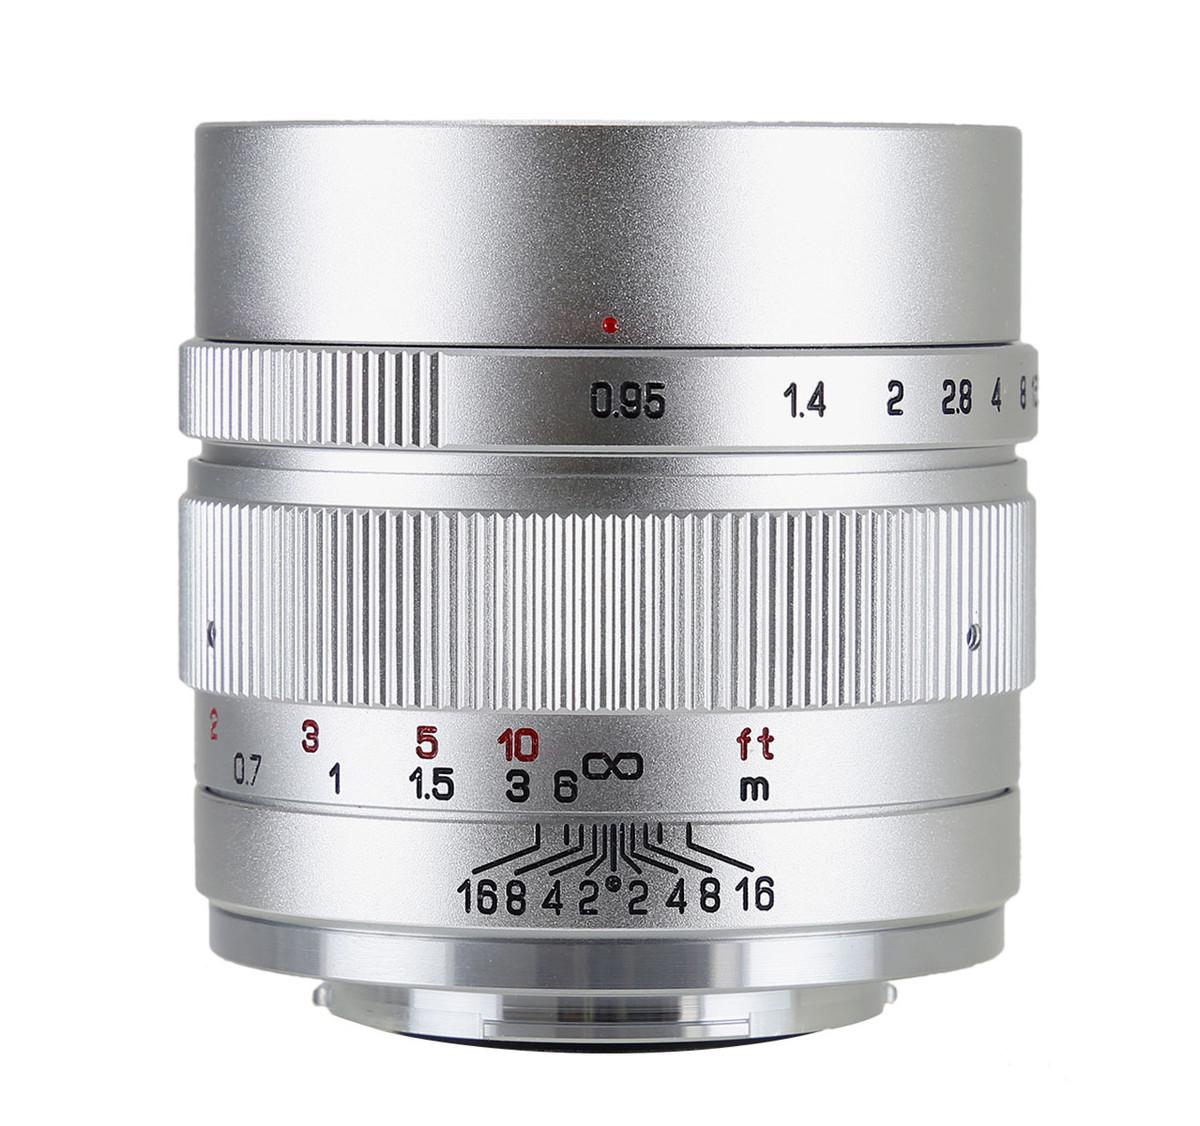 中一光学 | ZHONG YI OPTICS SPEEDMASTER 35mm F0.95 II - フジフィルムXマウント 単焦点レンズ シルバー